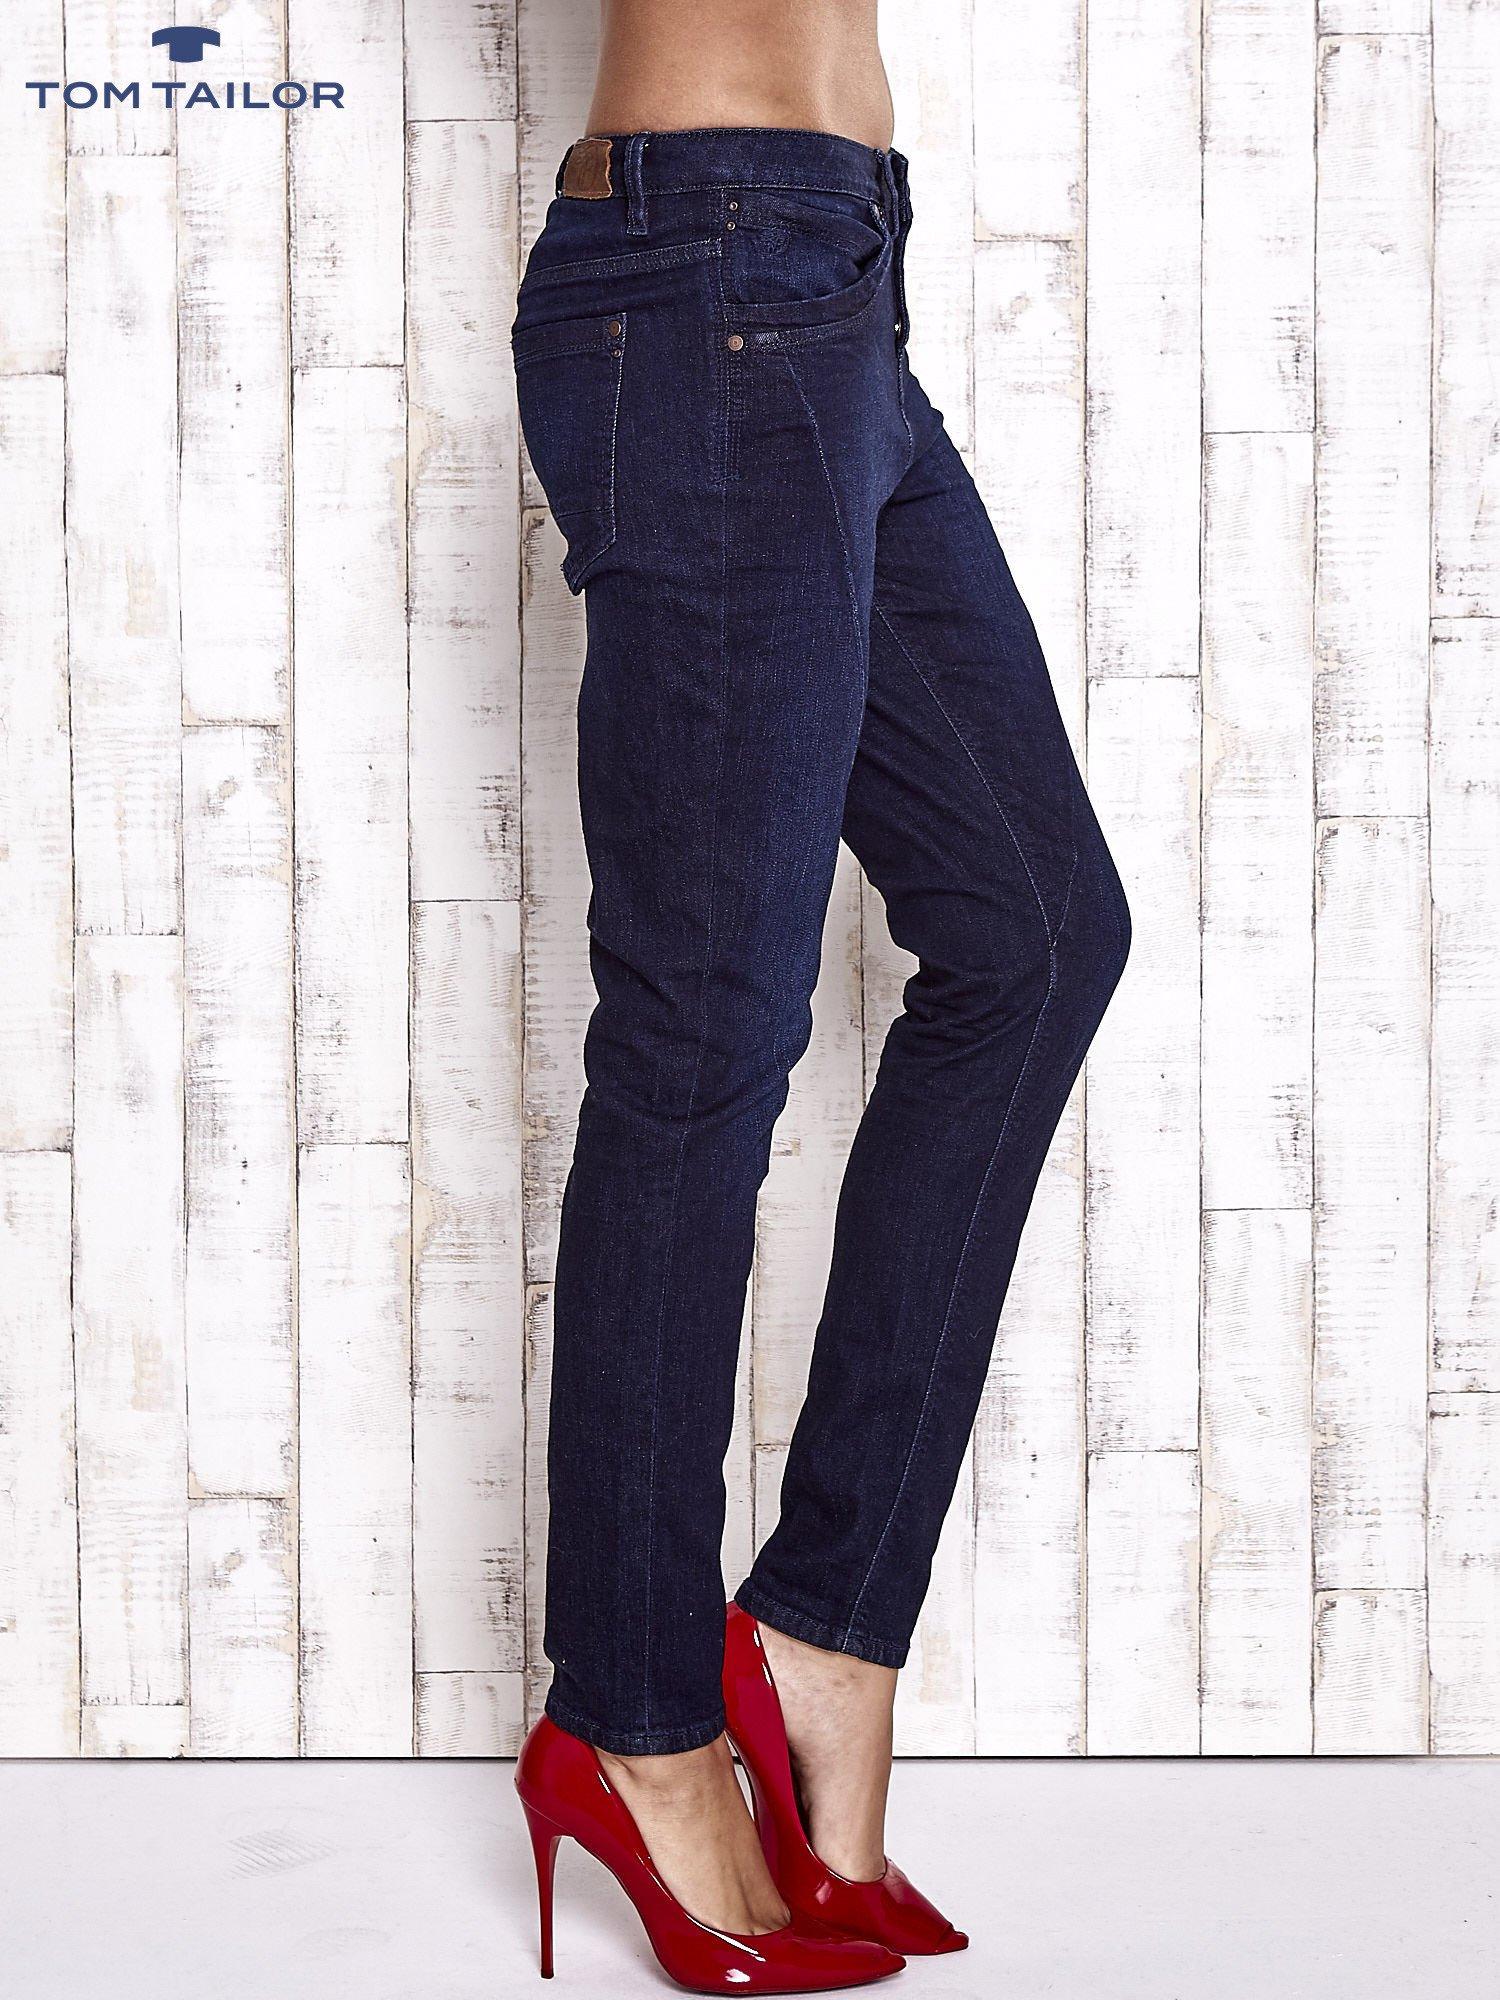 TOM TAILOR Ciemnoniebieskie modułowe spodnie jeansowe                                   zdj.                                  3